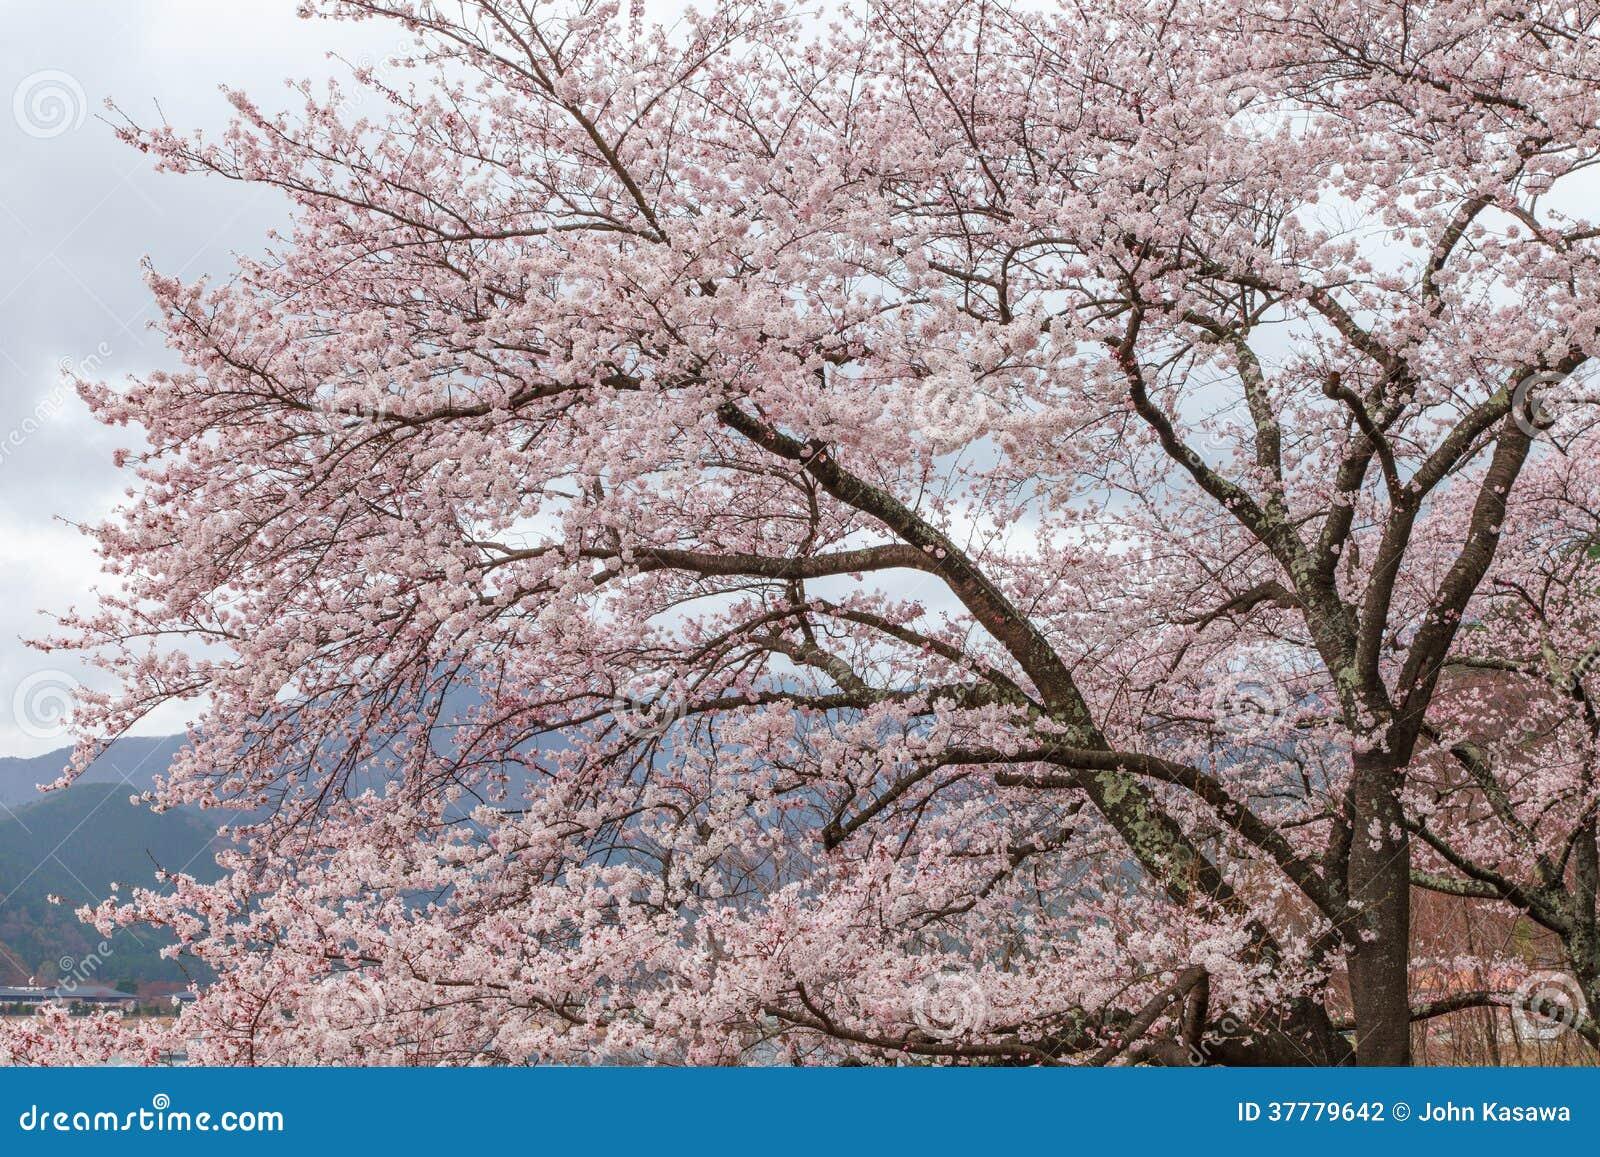 Lac rose kawaguchi d 39 arbre de fleurs de cerisier au printemps japon photographie stock image - Arbre fleurs rouges printemps ...